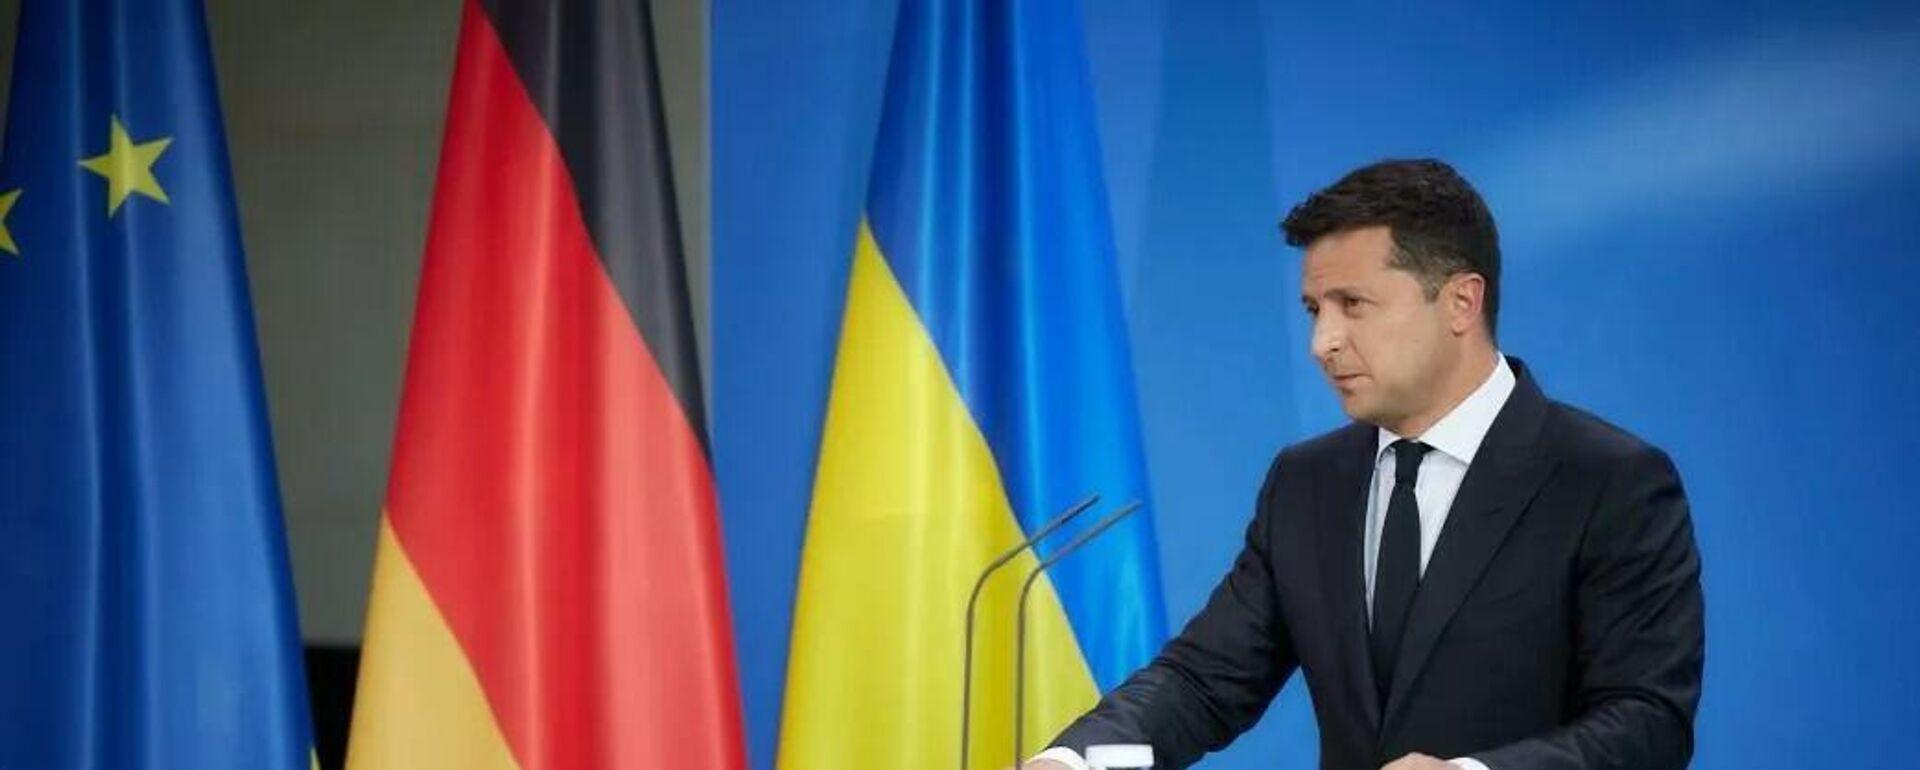 Рабочий визит президента Украины Владимира Зеленского в Германию - Sputnik Таджикистан, 1920, 16.07.2021